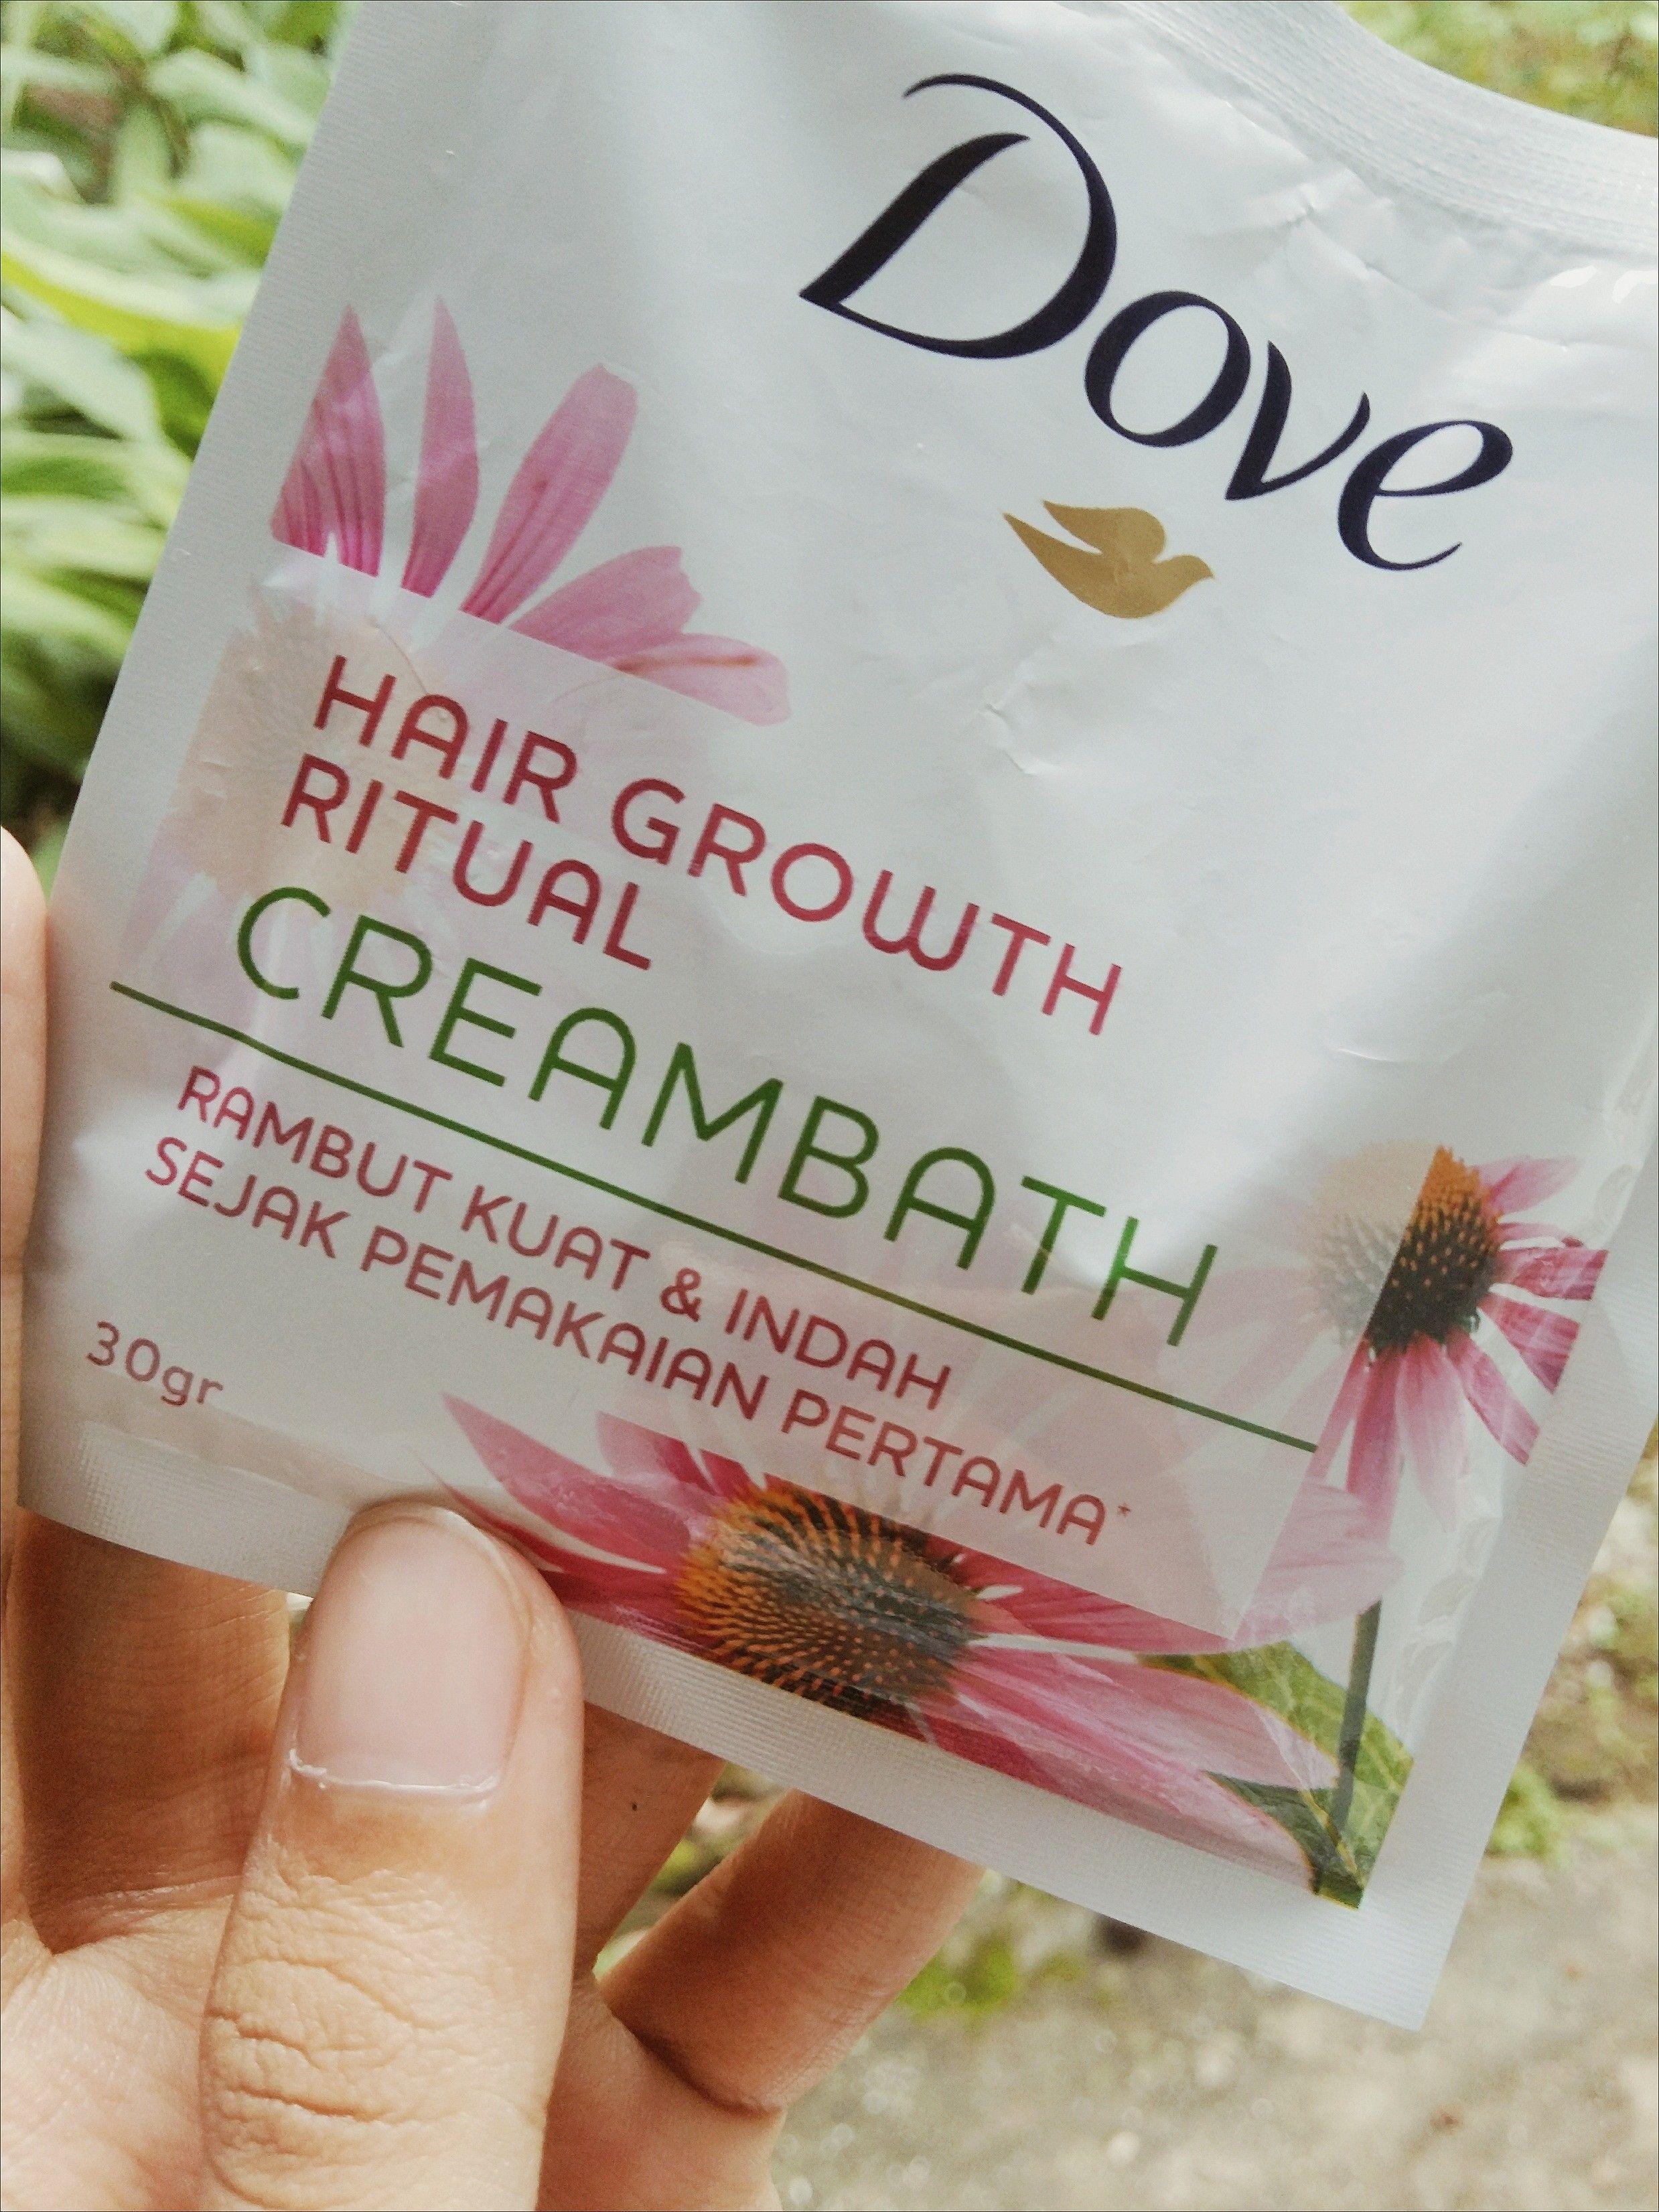 gambar review ke-3 untuk Dove Creambath - Hair Growth Ritual